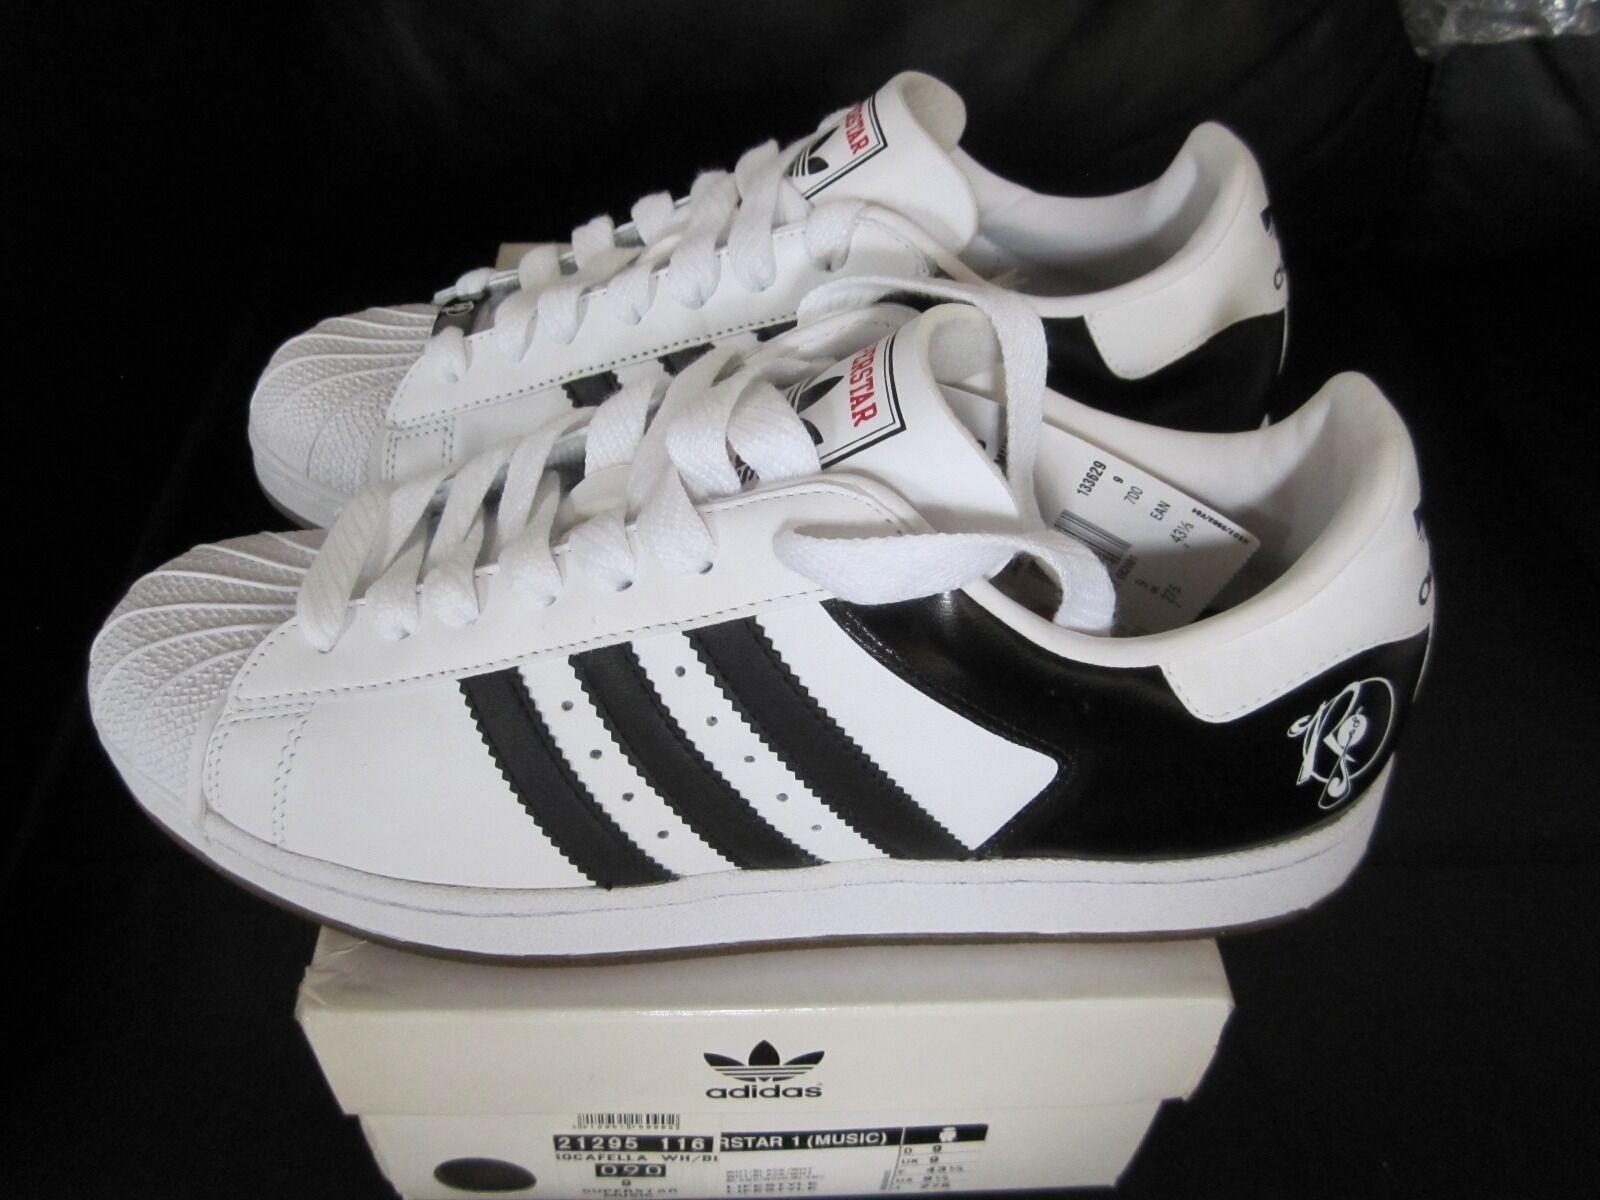 Adidas Adidas Adidas D.S 2004 35th Anniversary Superstar Rockafella U.K ae8772